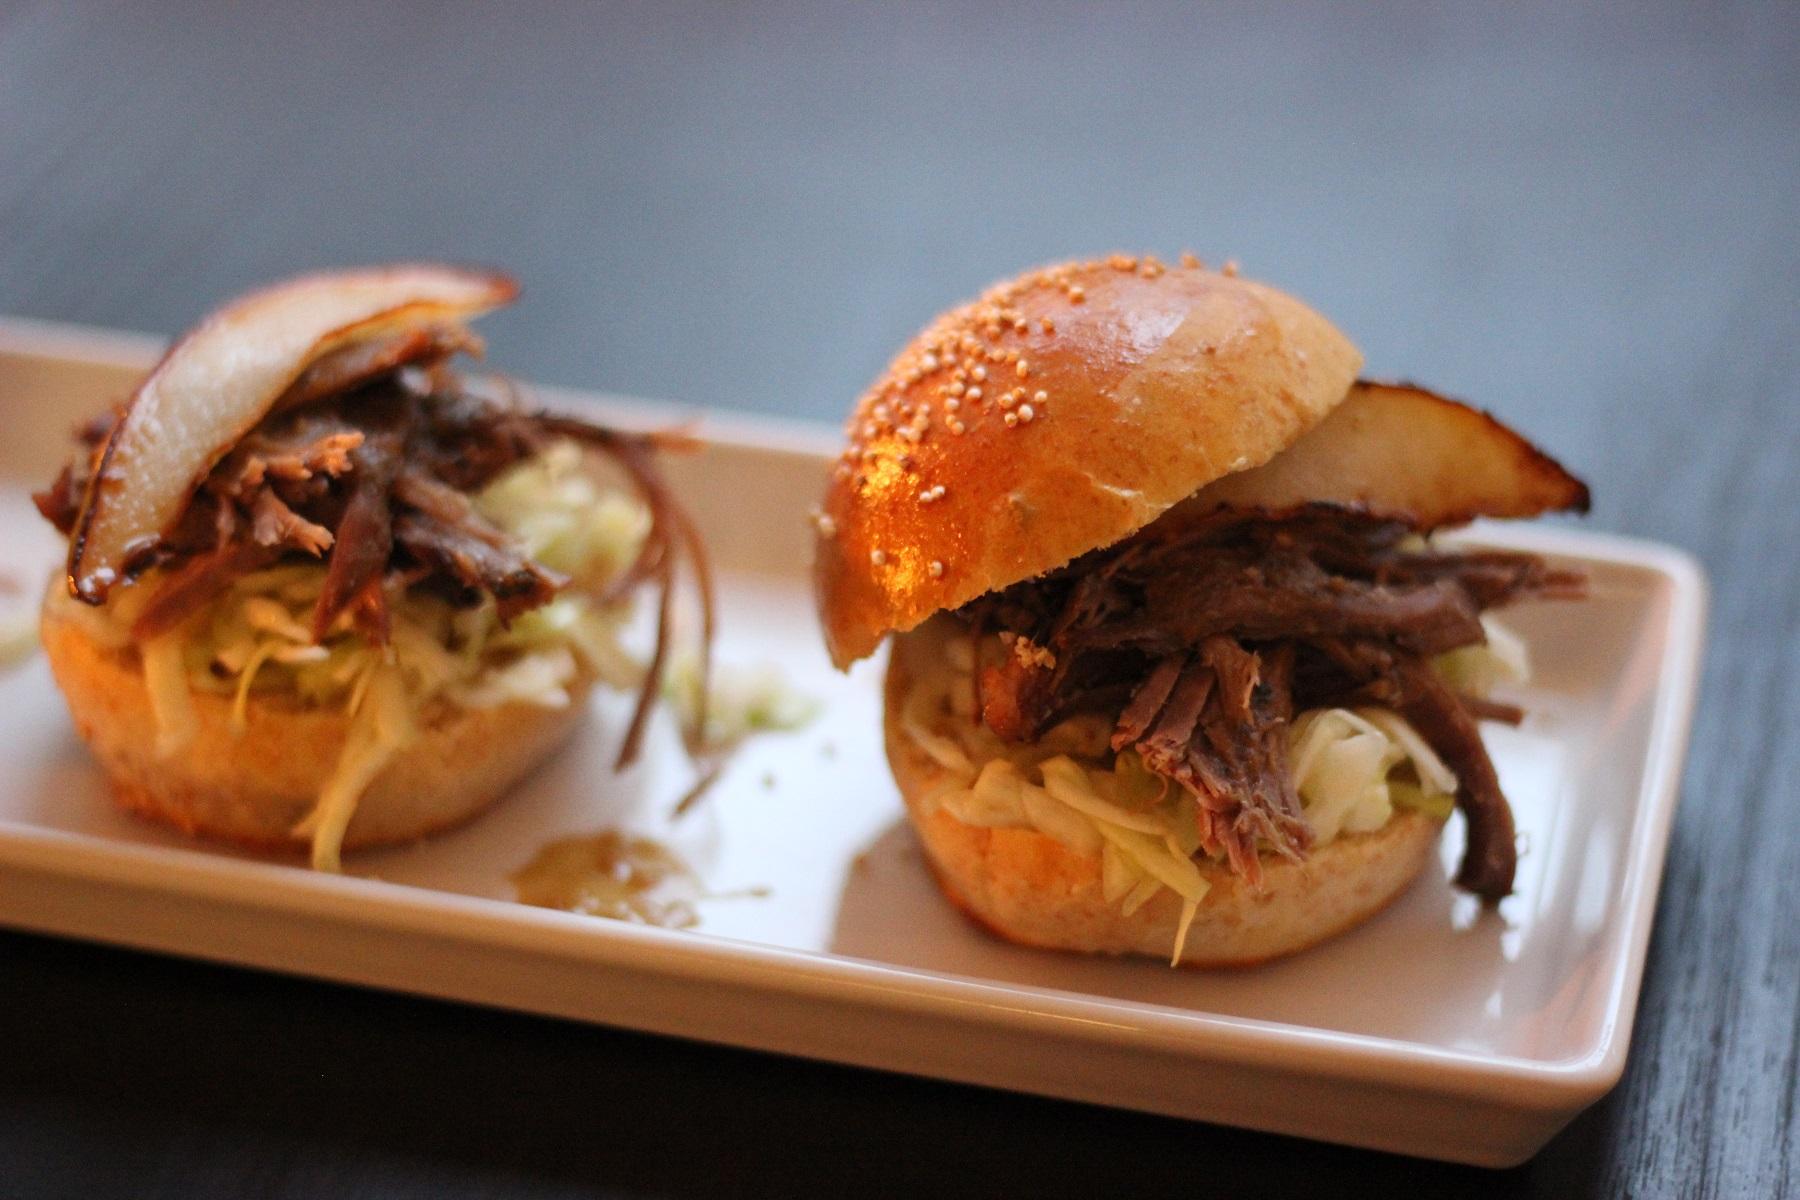 Wildwutz-Burger - Pulled Wildschwein-Burger mit Malzbiersauce, Spitzkohl und Birne im Emmer-Brioche-Bun